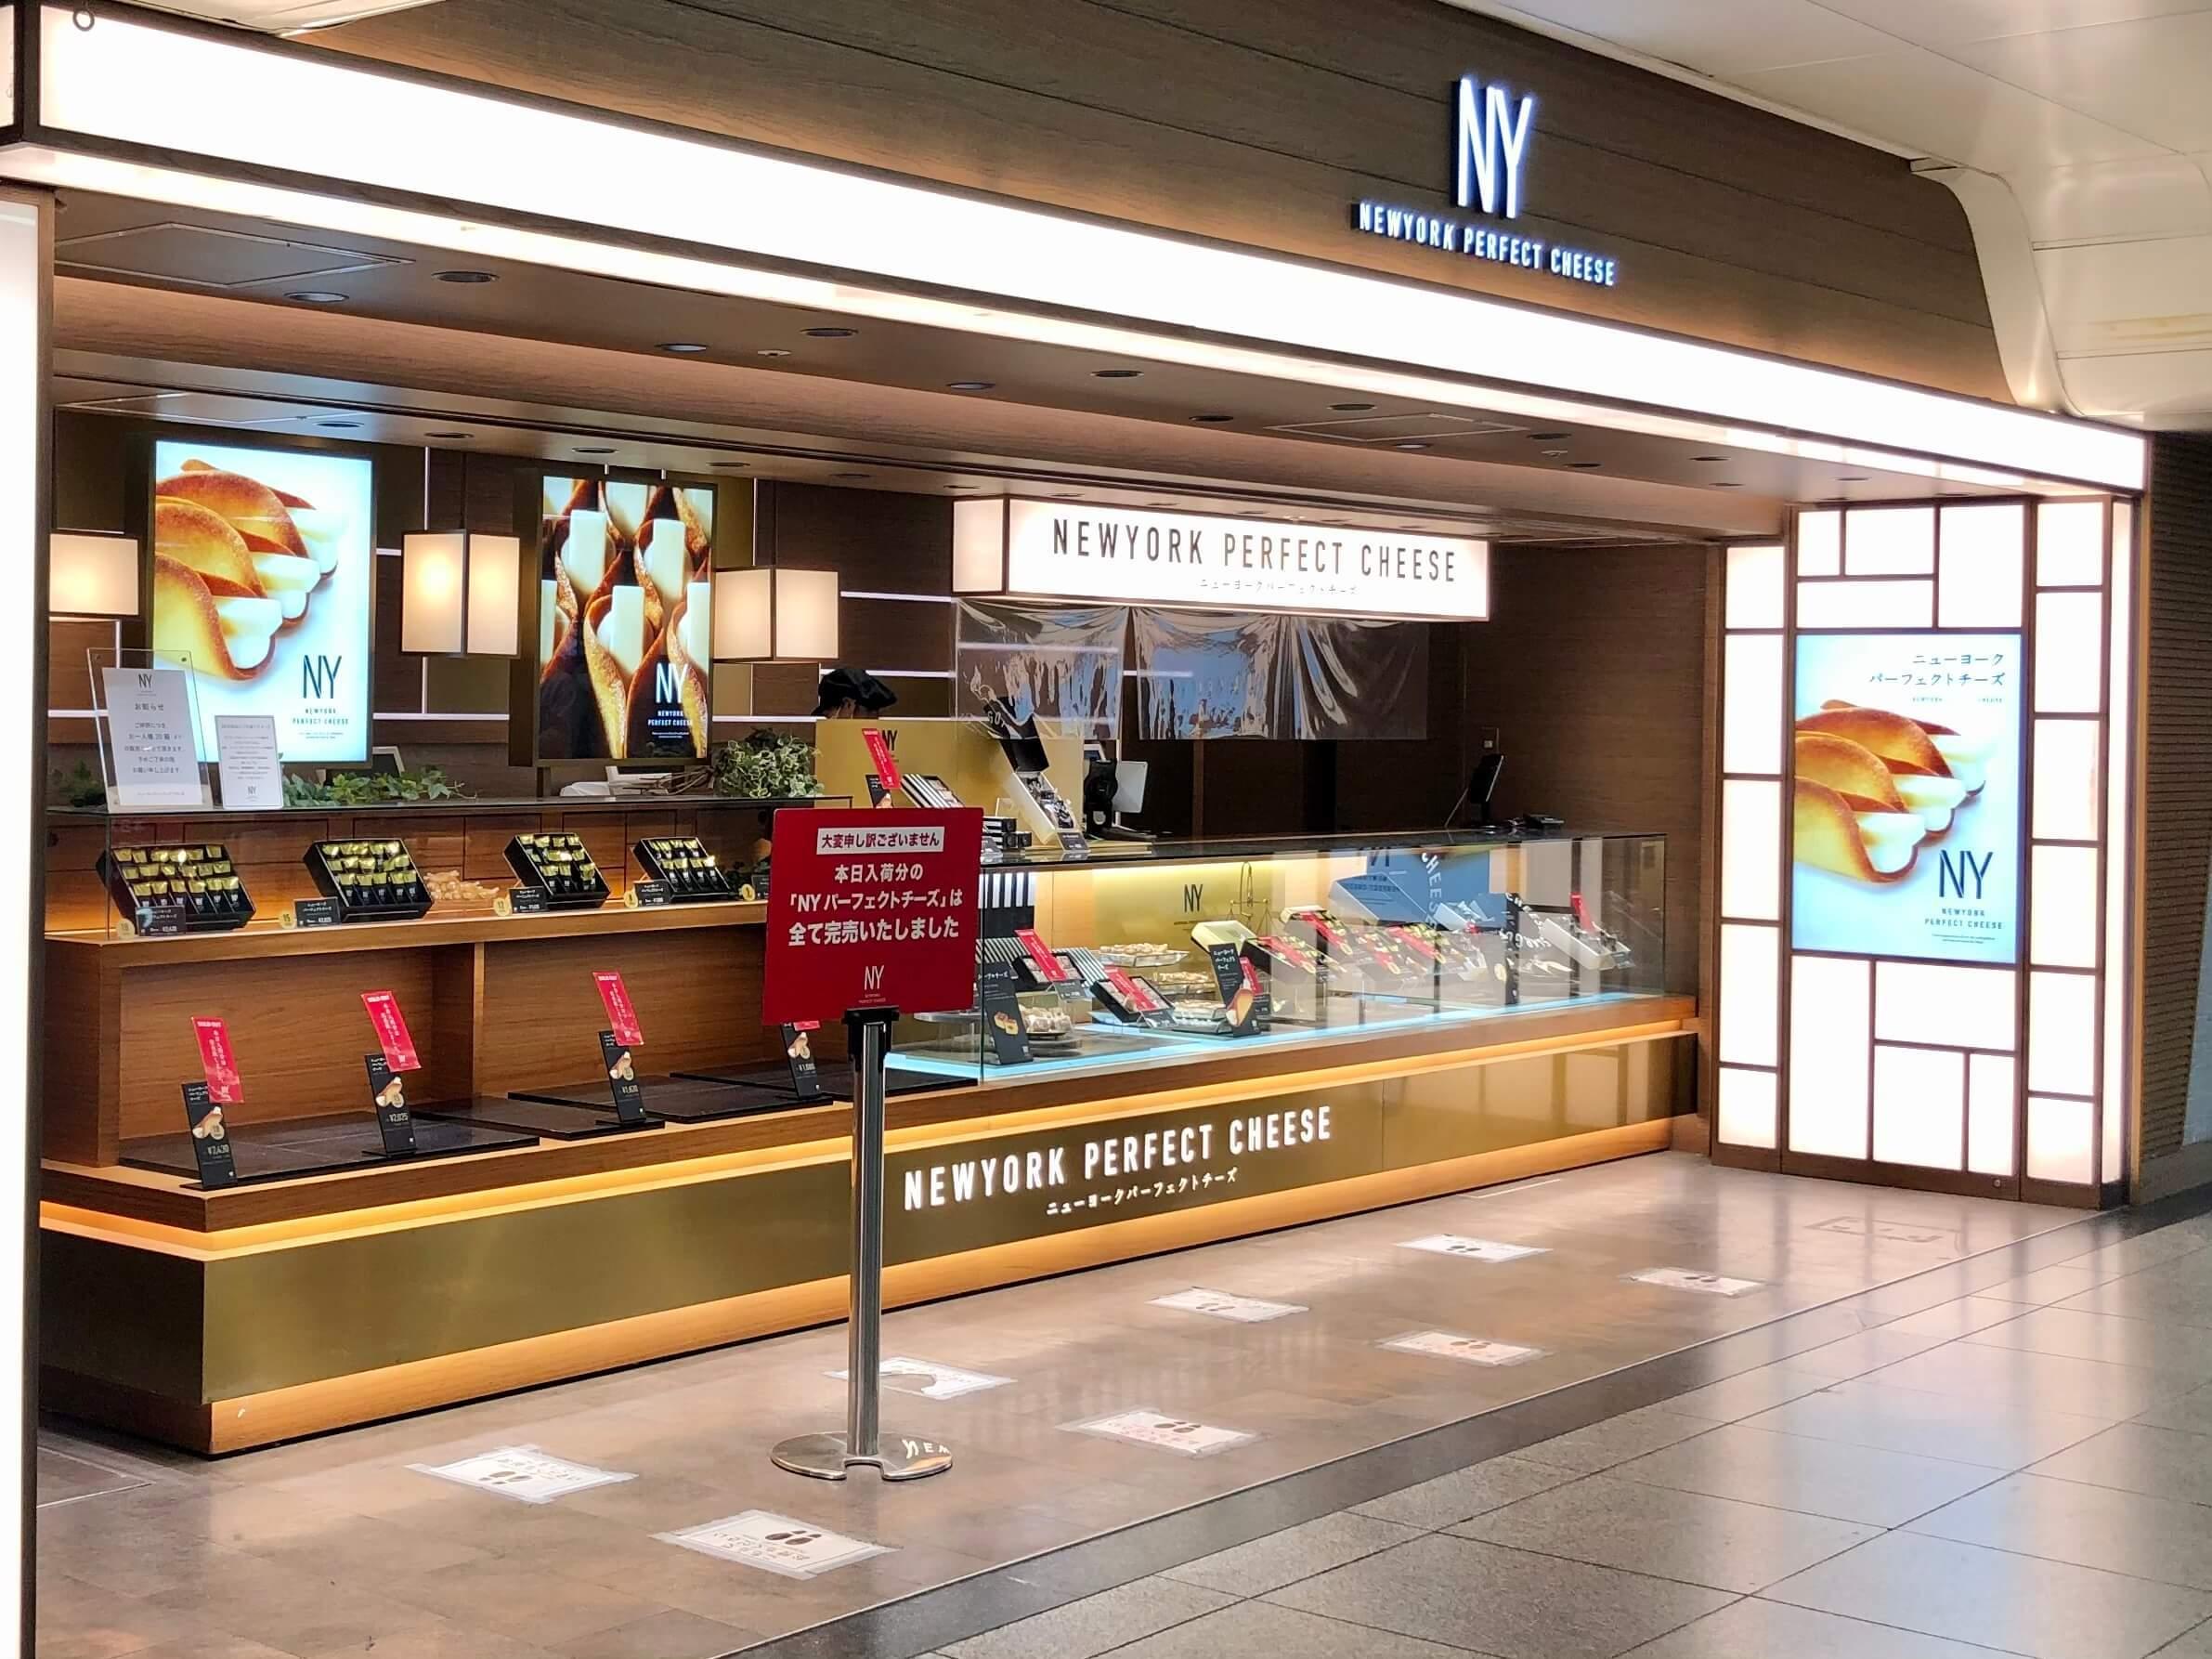 ニューヨークパーフェクトチーズ東京駅構内第一号店。即日完売の様子。